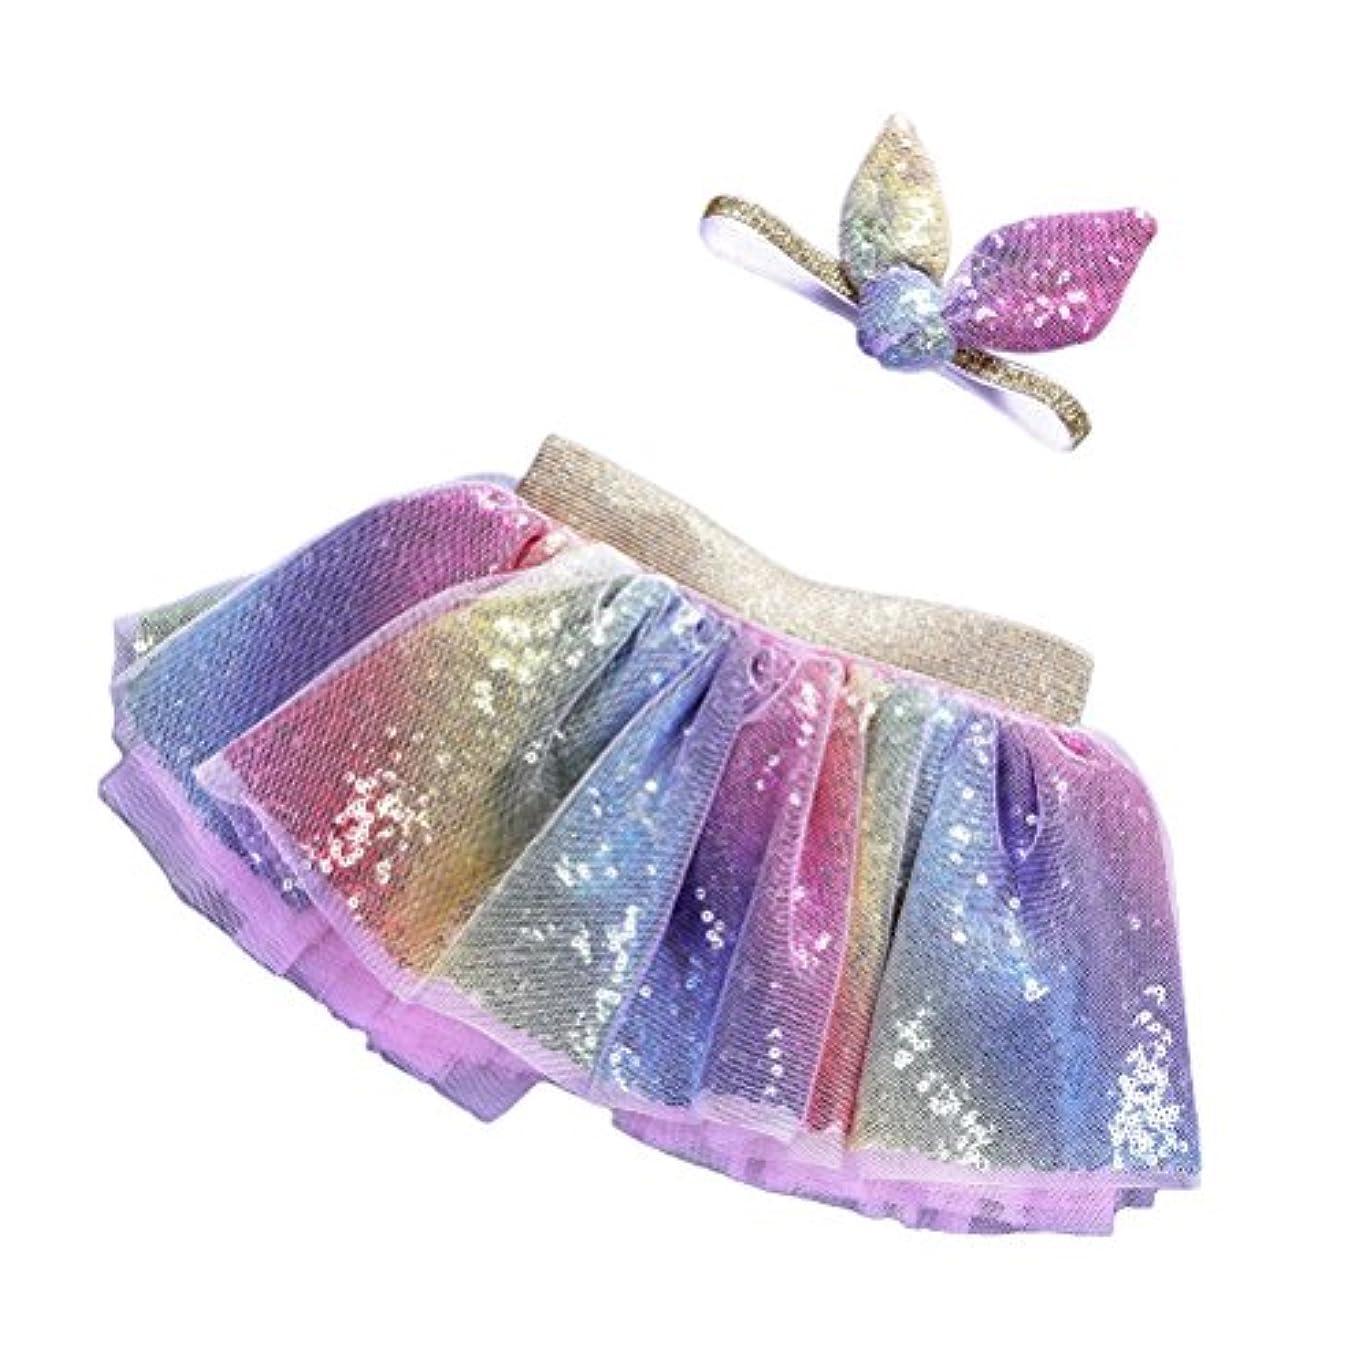 千シネウィリムLUOEM 2PCSレインボーツツースカート(ヘッドバンド付き)プリンセスガールツツーの服装ベビーガールズ誕生日の服セットサイズM(2?5歳)